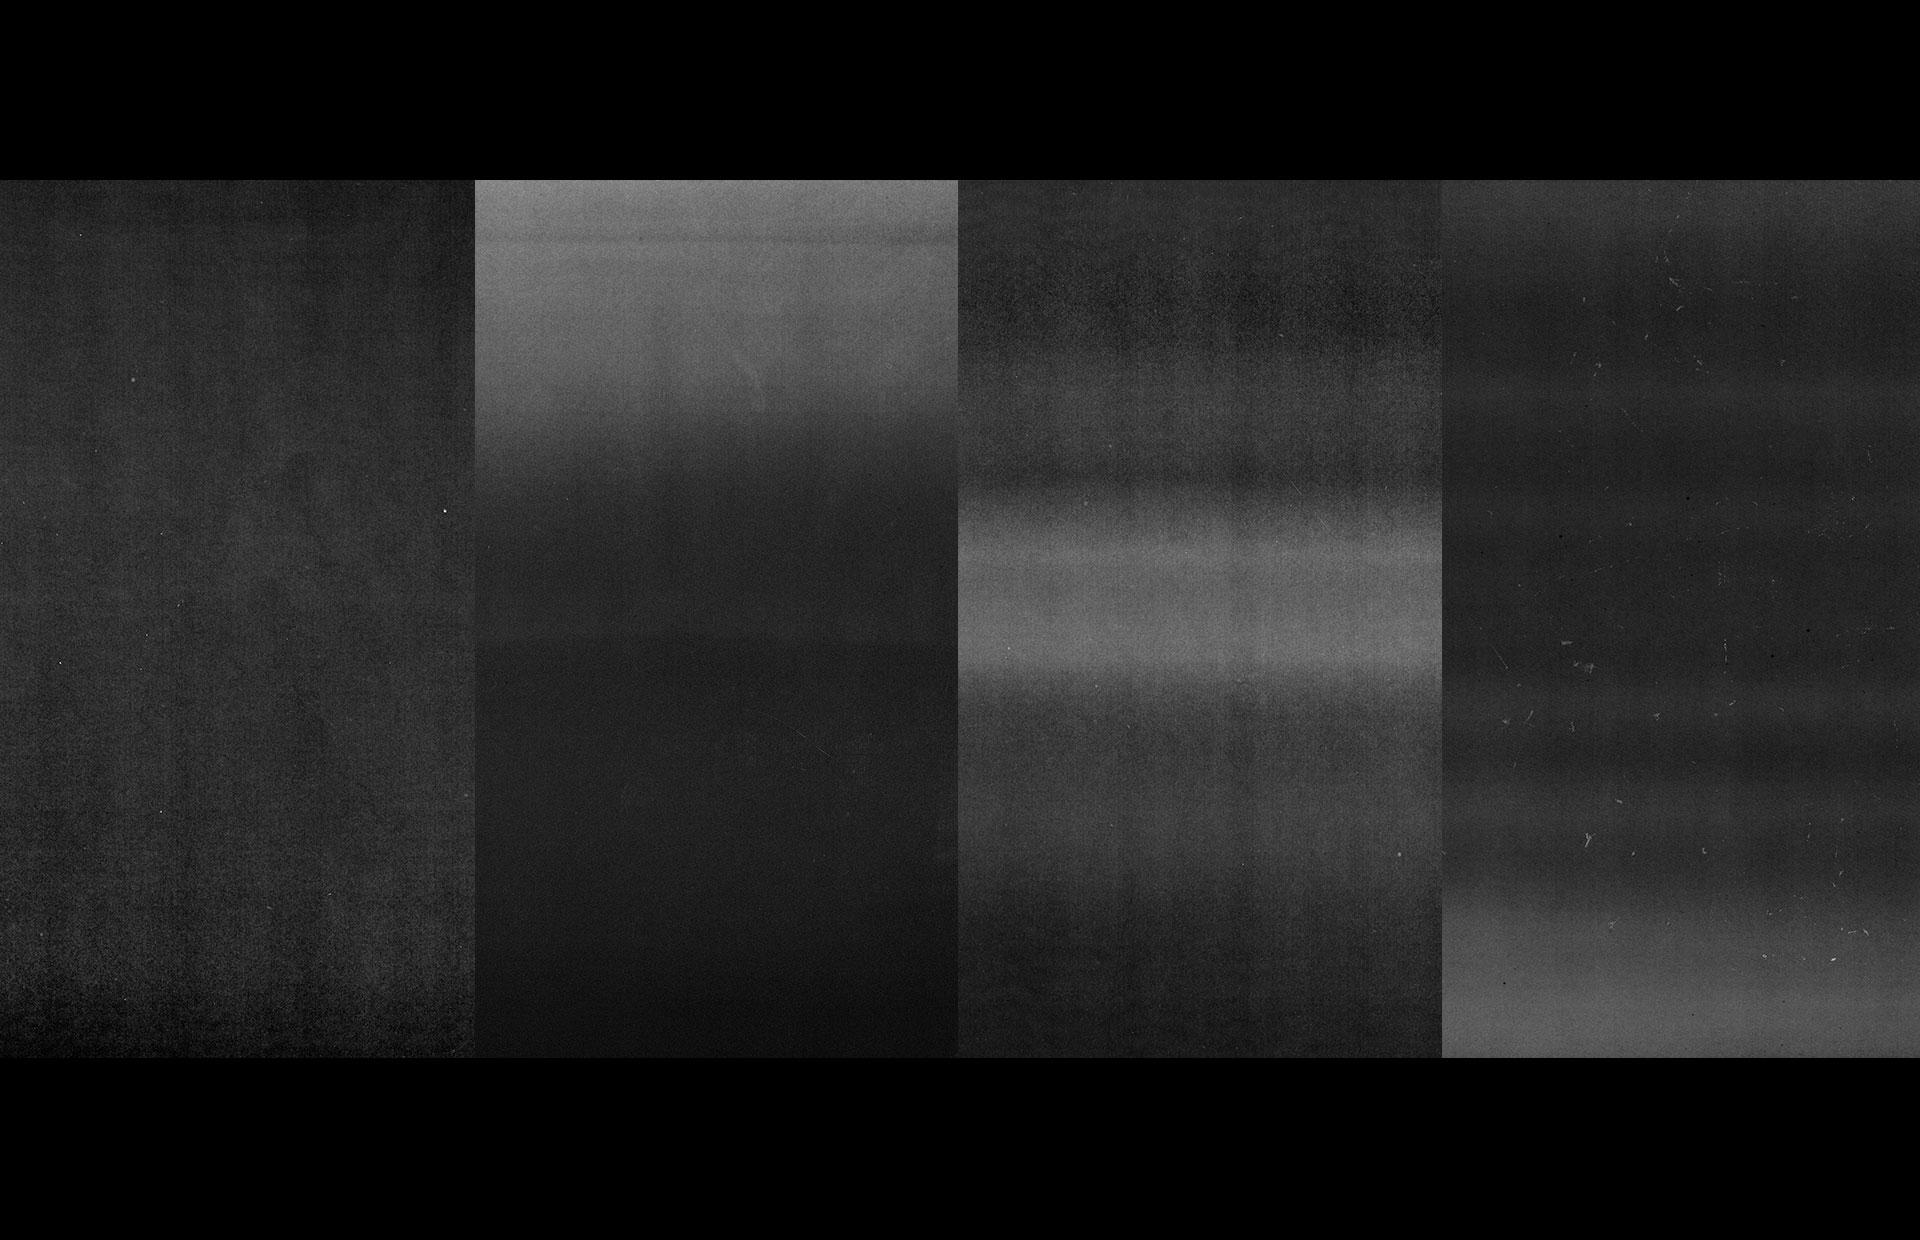 95款潮流做旧不干胶标签贴纸塑料袋粗纸张粗糙背景纹理素材 Stickers Plastic Textures插图(5)